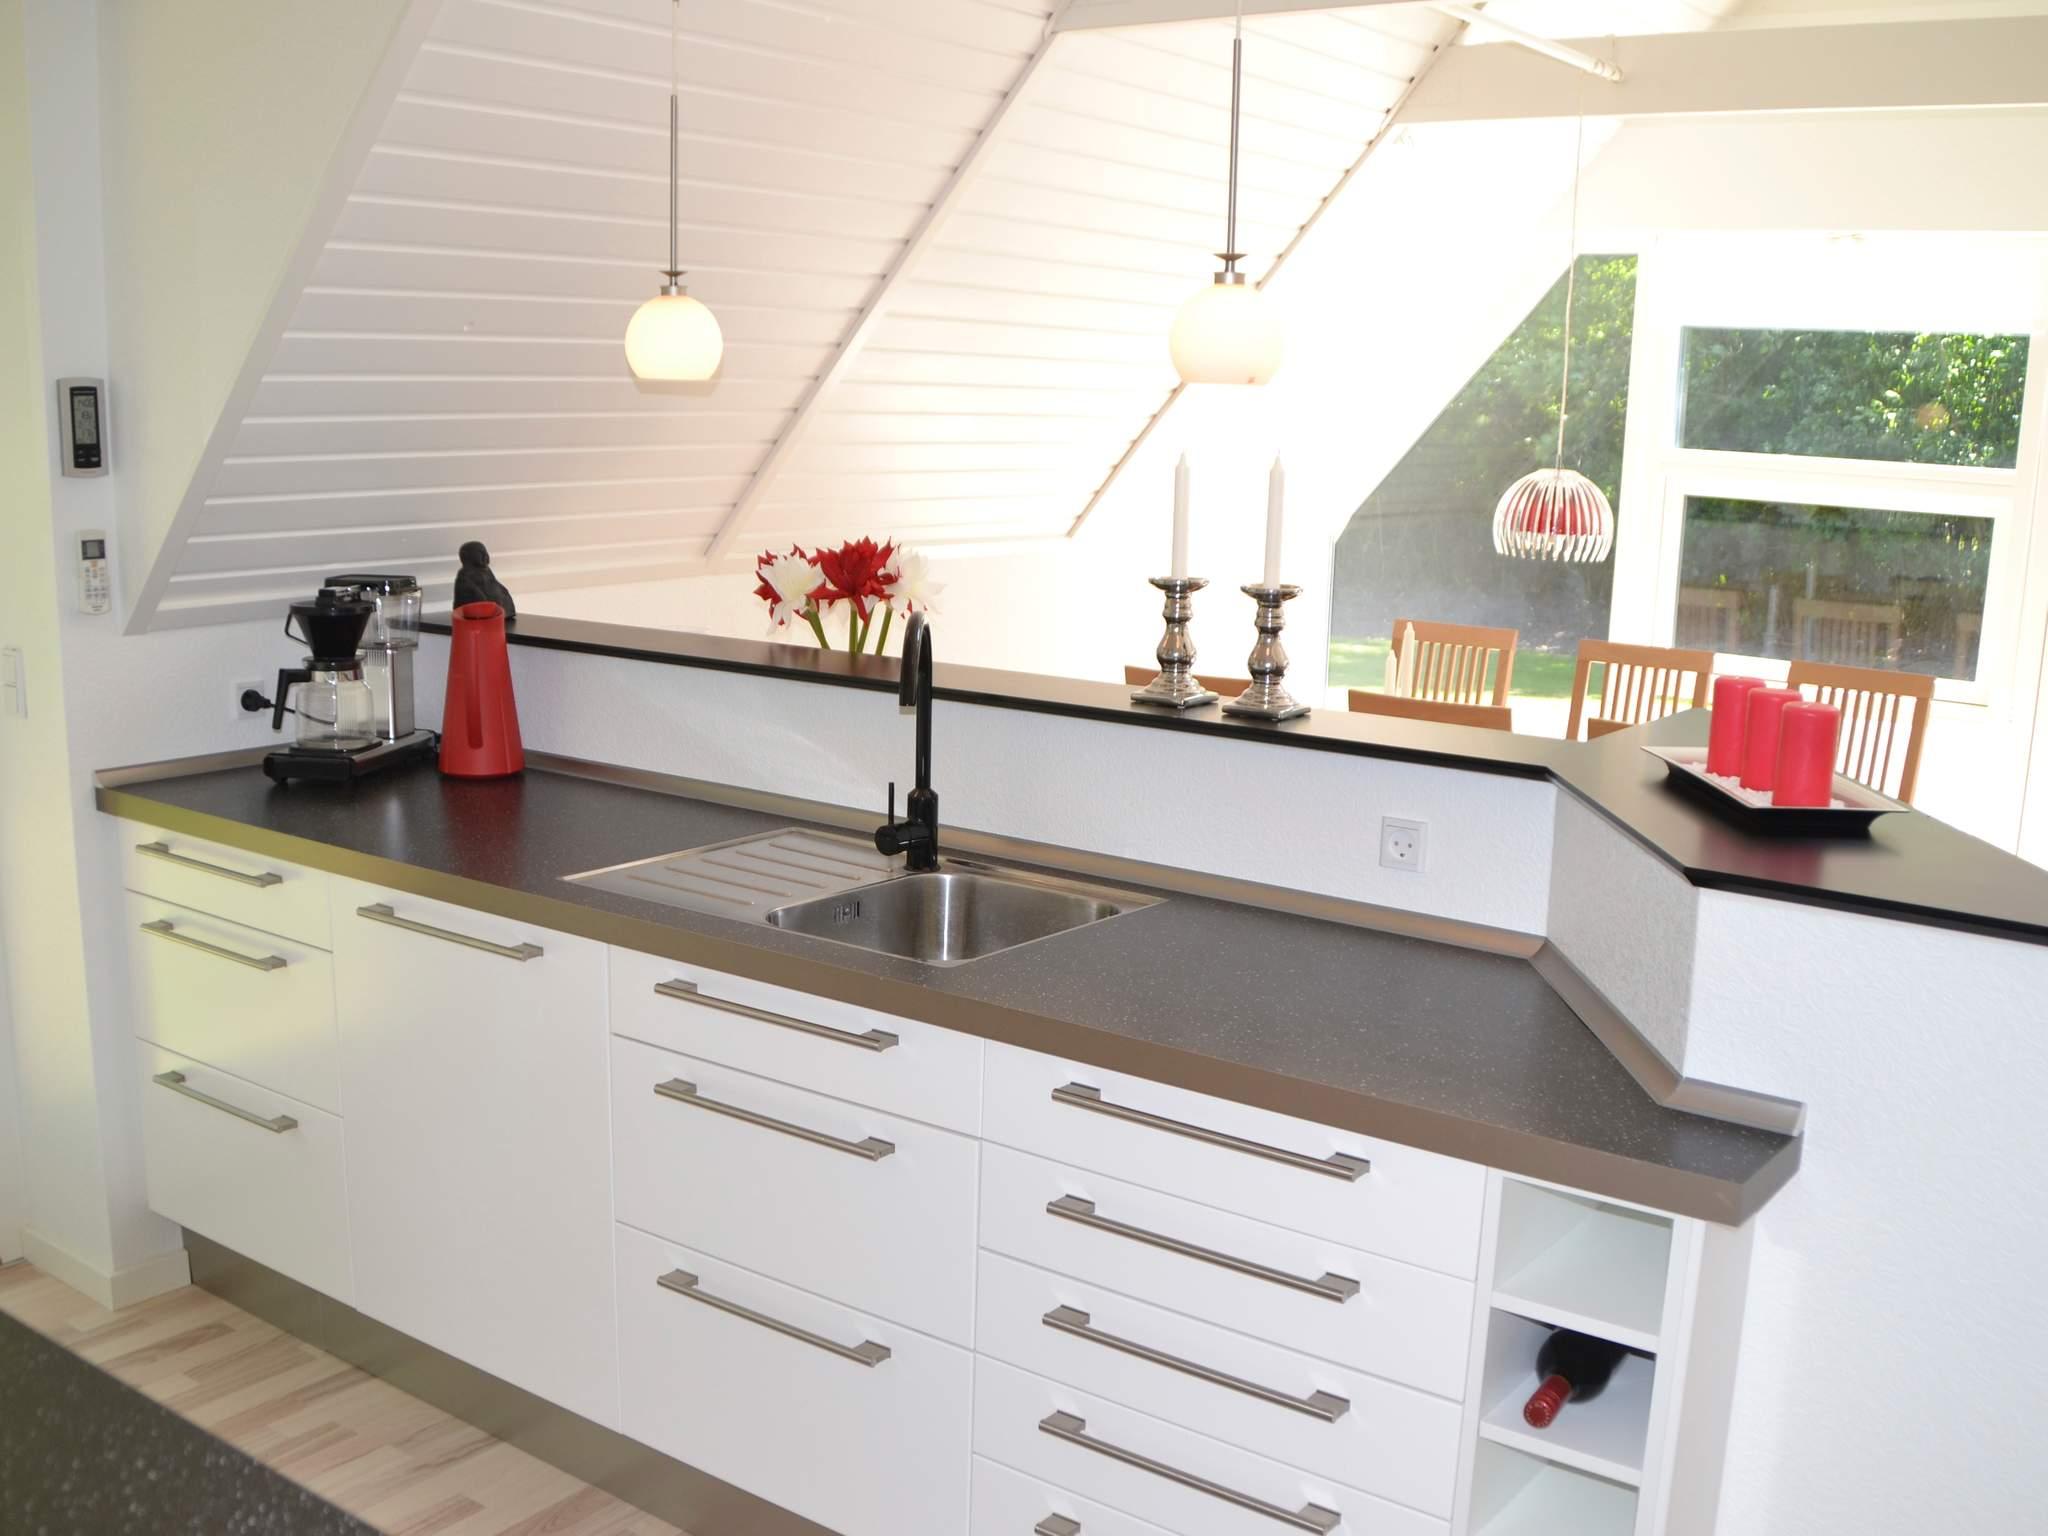 Ferienhaus Jegum (241722), Jegum, , Westjütland, Dänemark, Bild 9